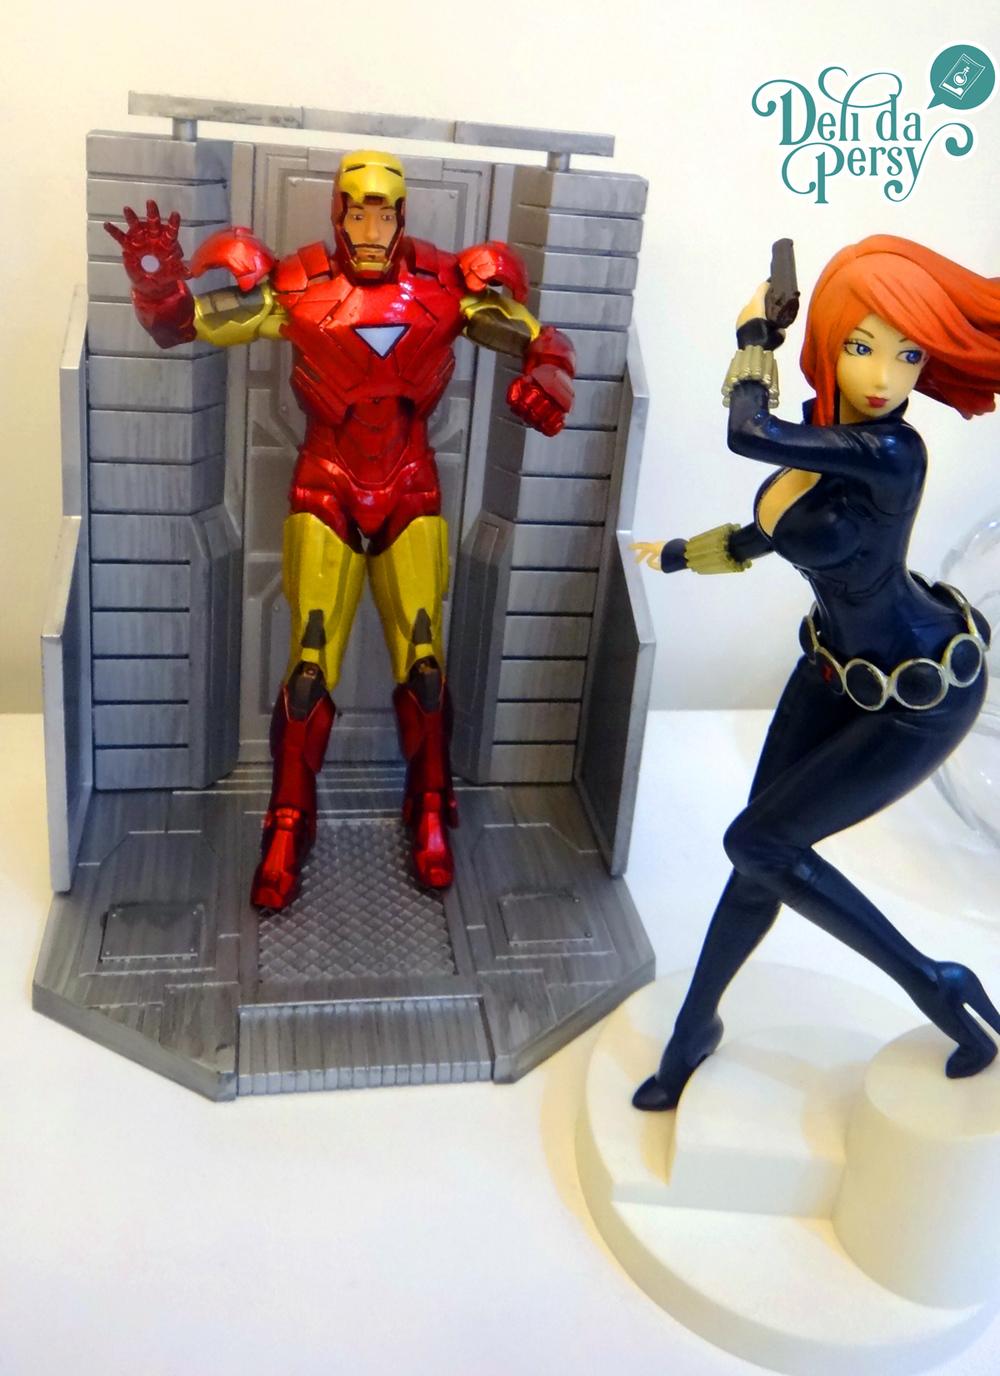 Iron-Man é um exemplo de Action Figure e a Viúva Negra é um exemplo de Figure.